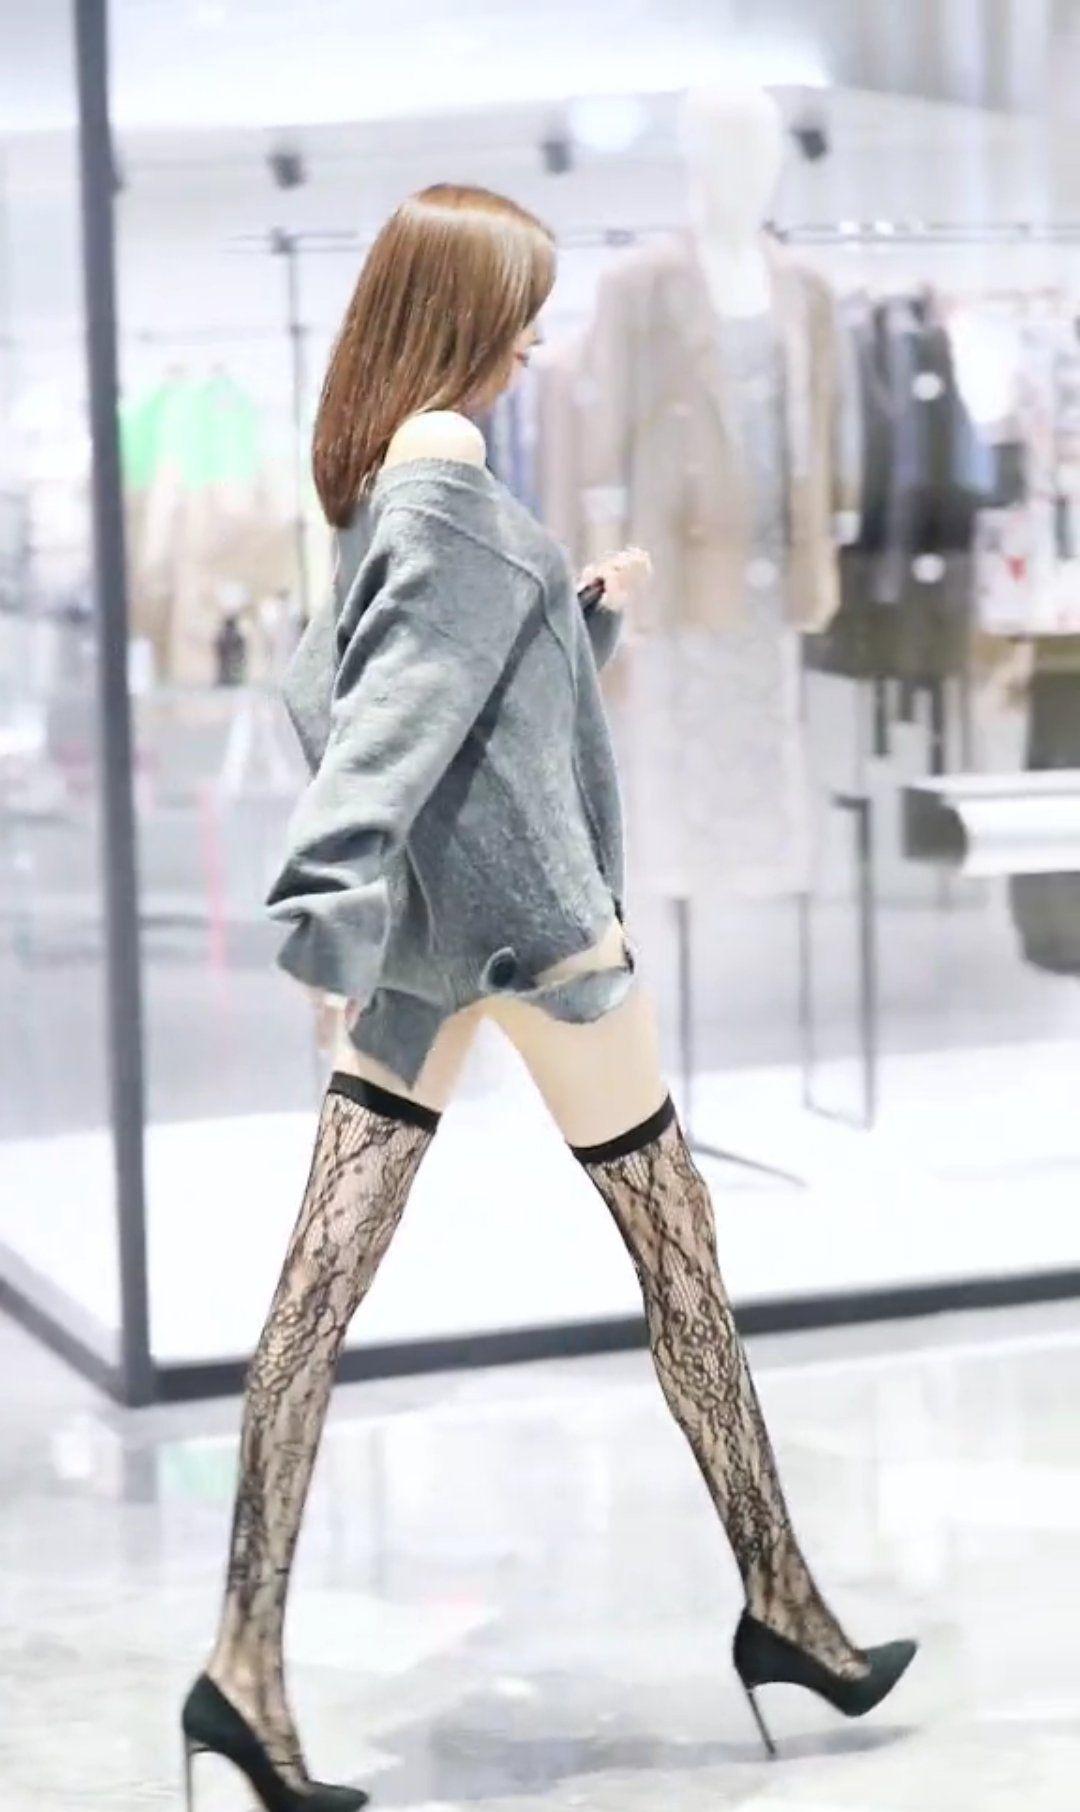 切莫认为女性穿丝袜是为了争奇斗艳,这是种生活态度,自信且优雅